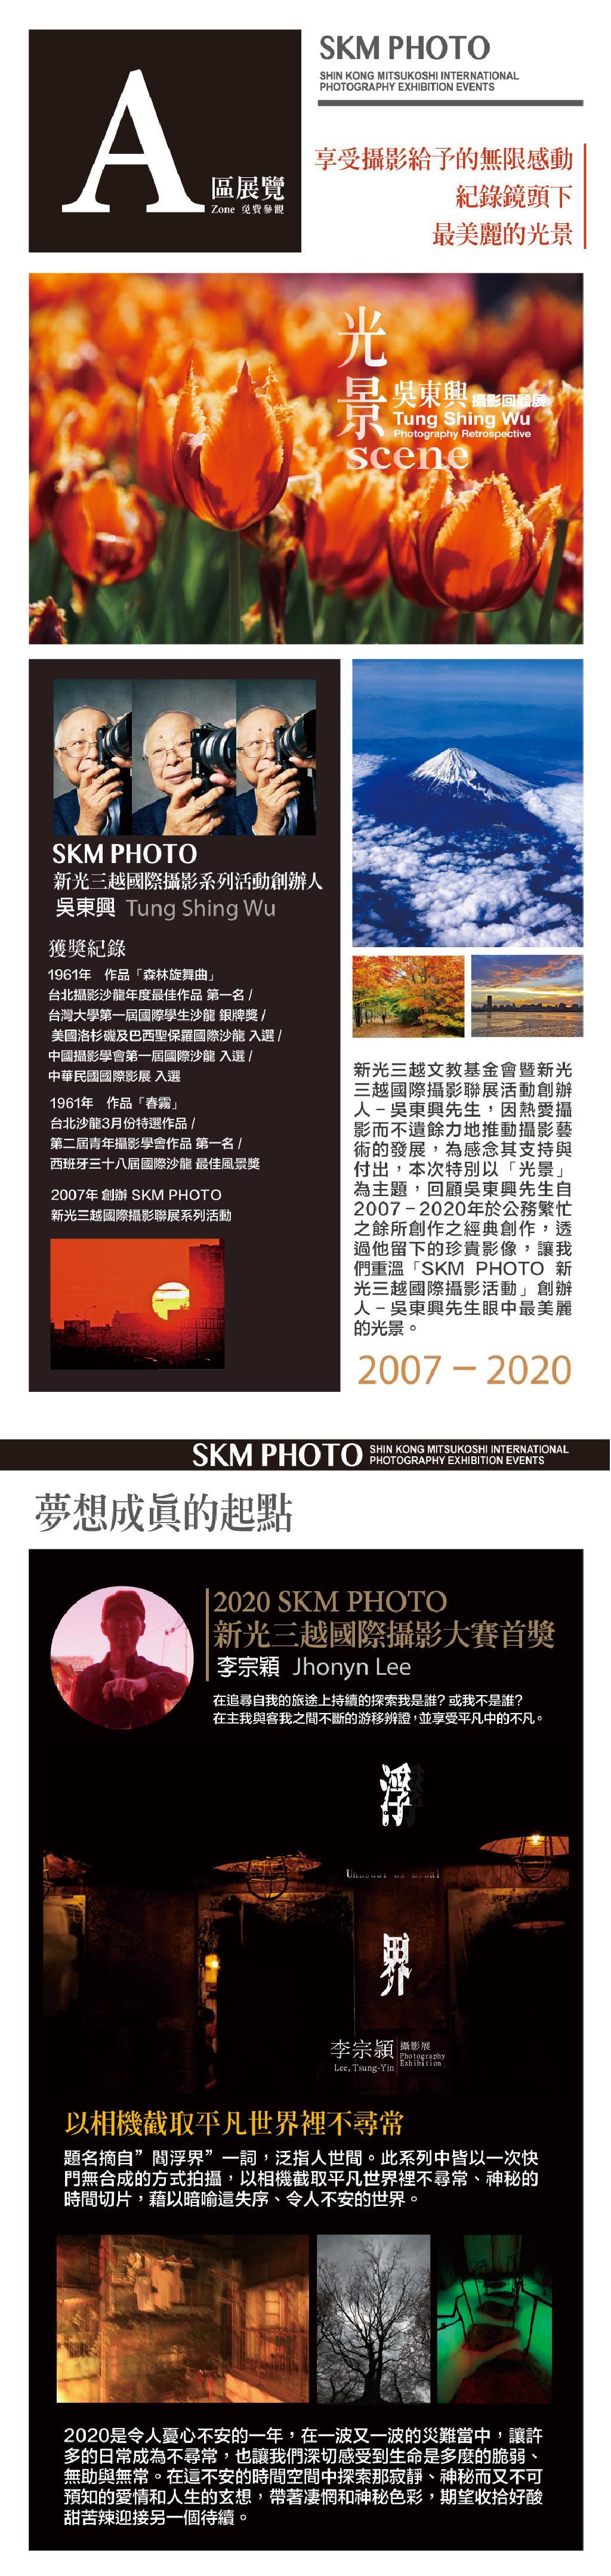 skm07_20210324_000003.jpg